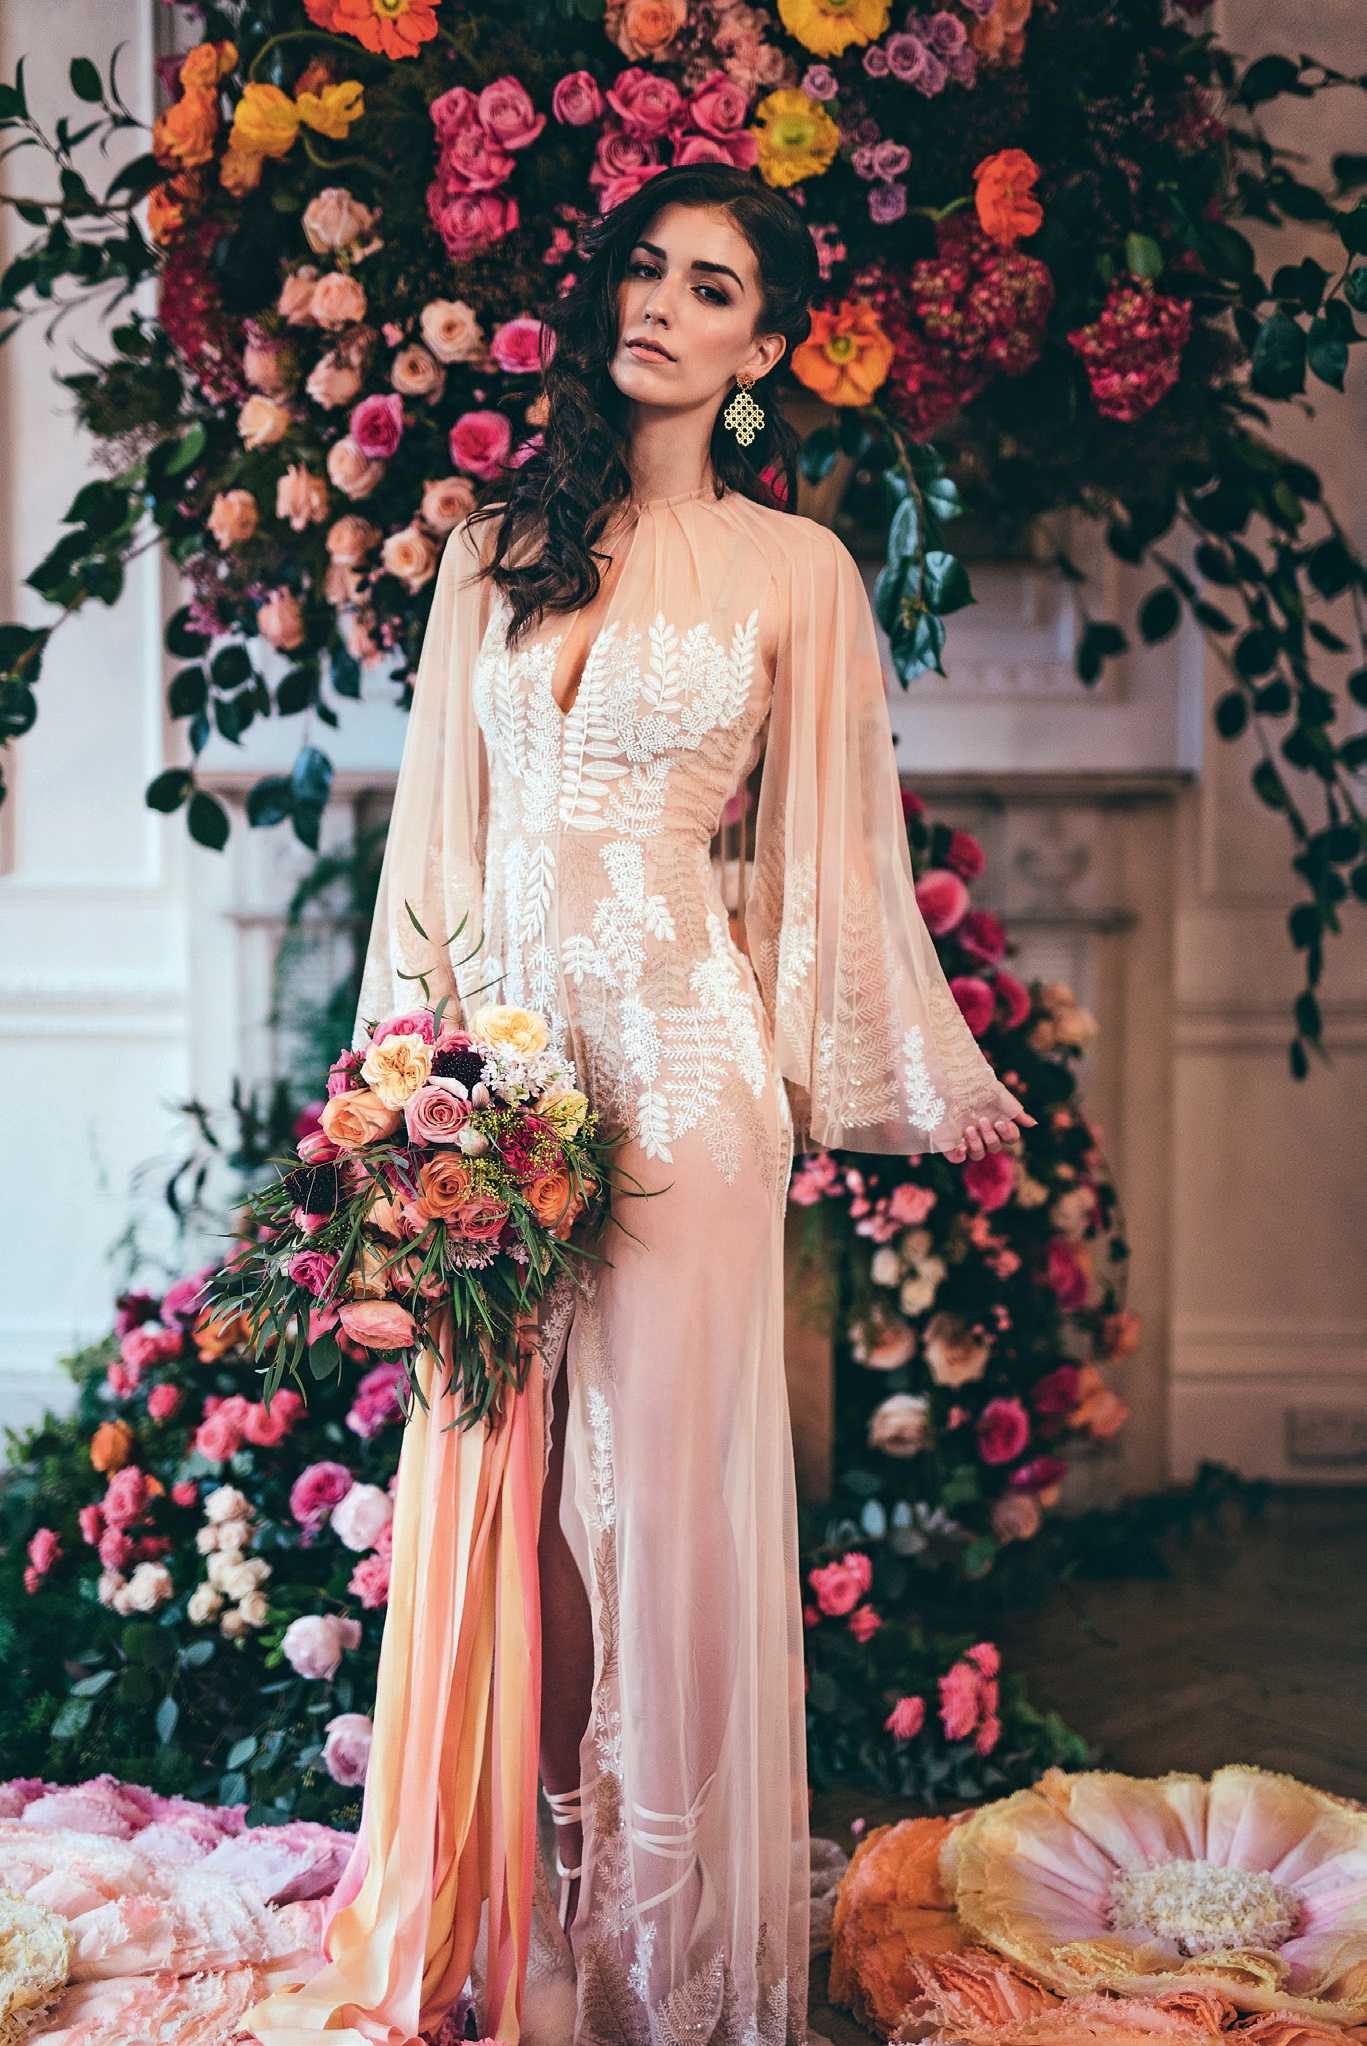 Brides Ma